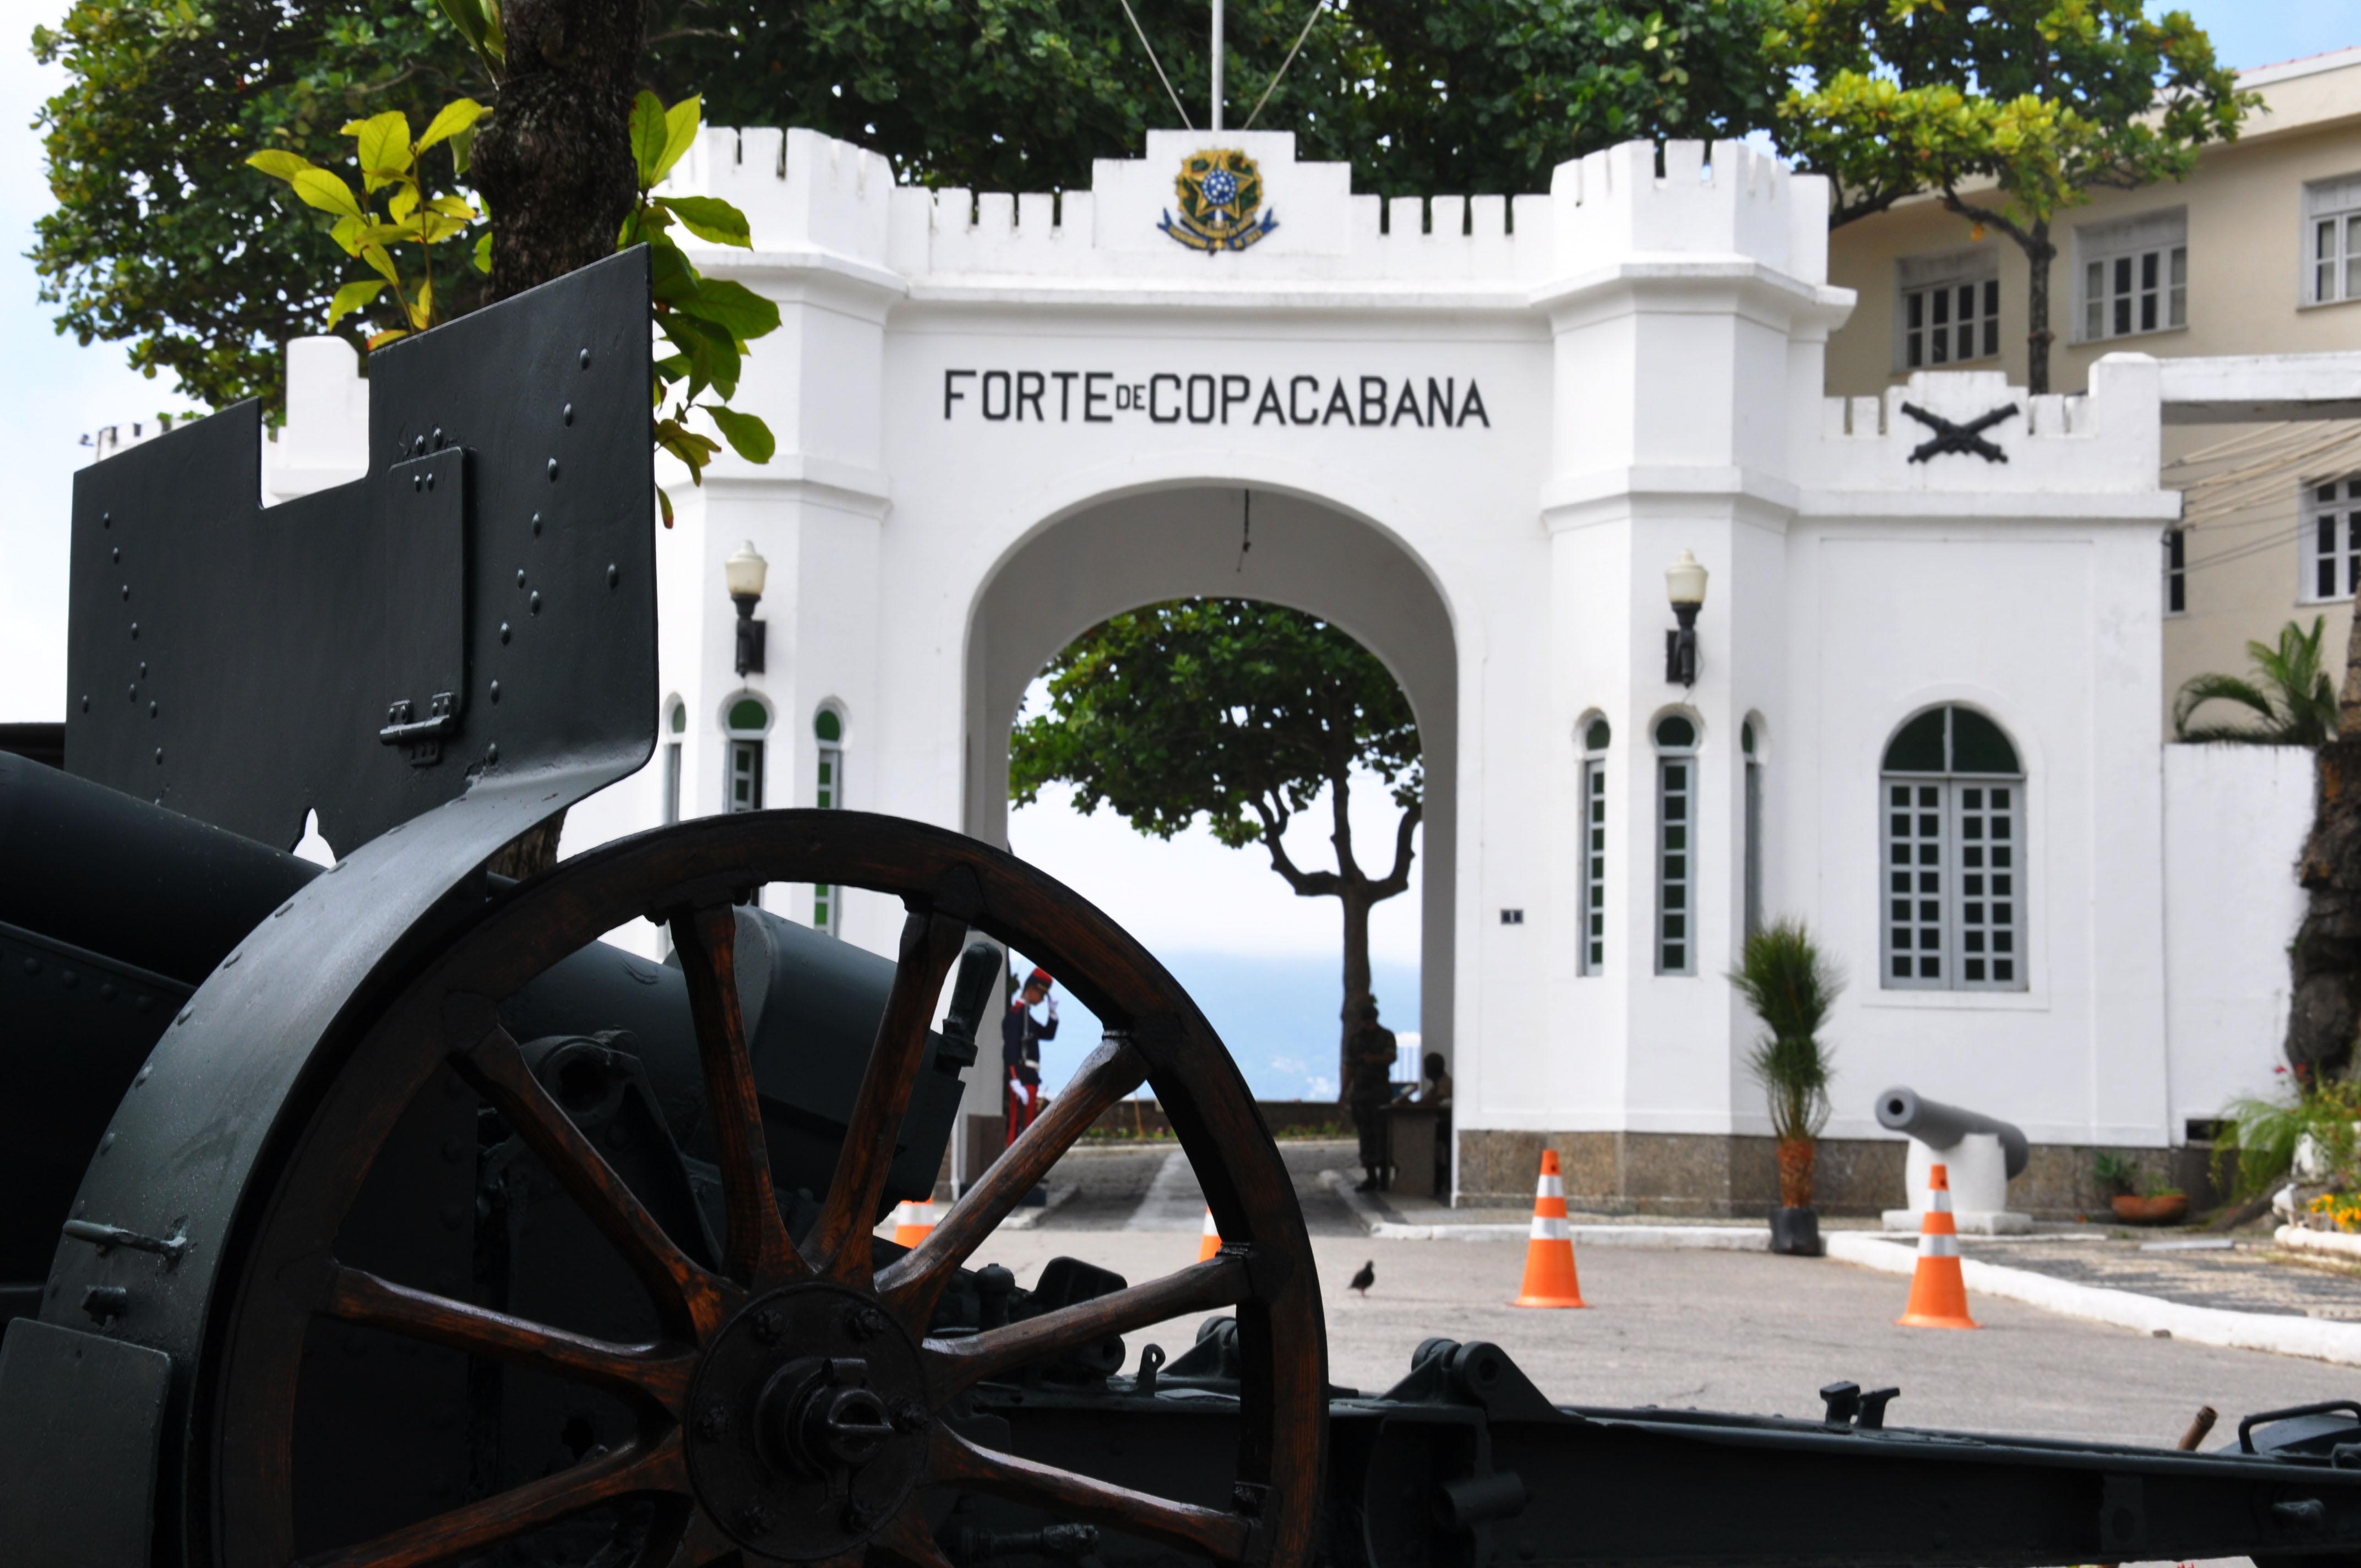 Forte de Copacabana, no Rio de Janeiro